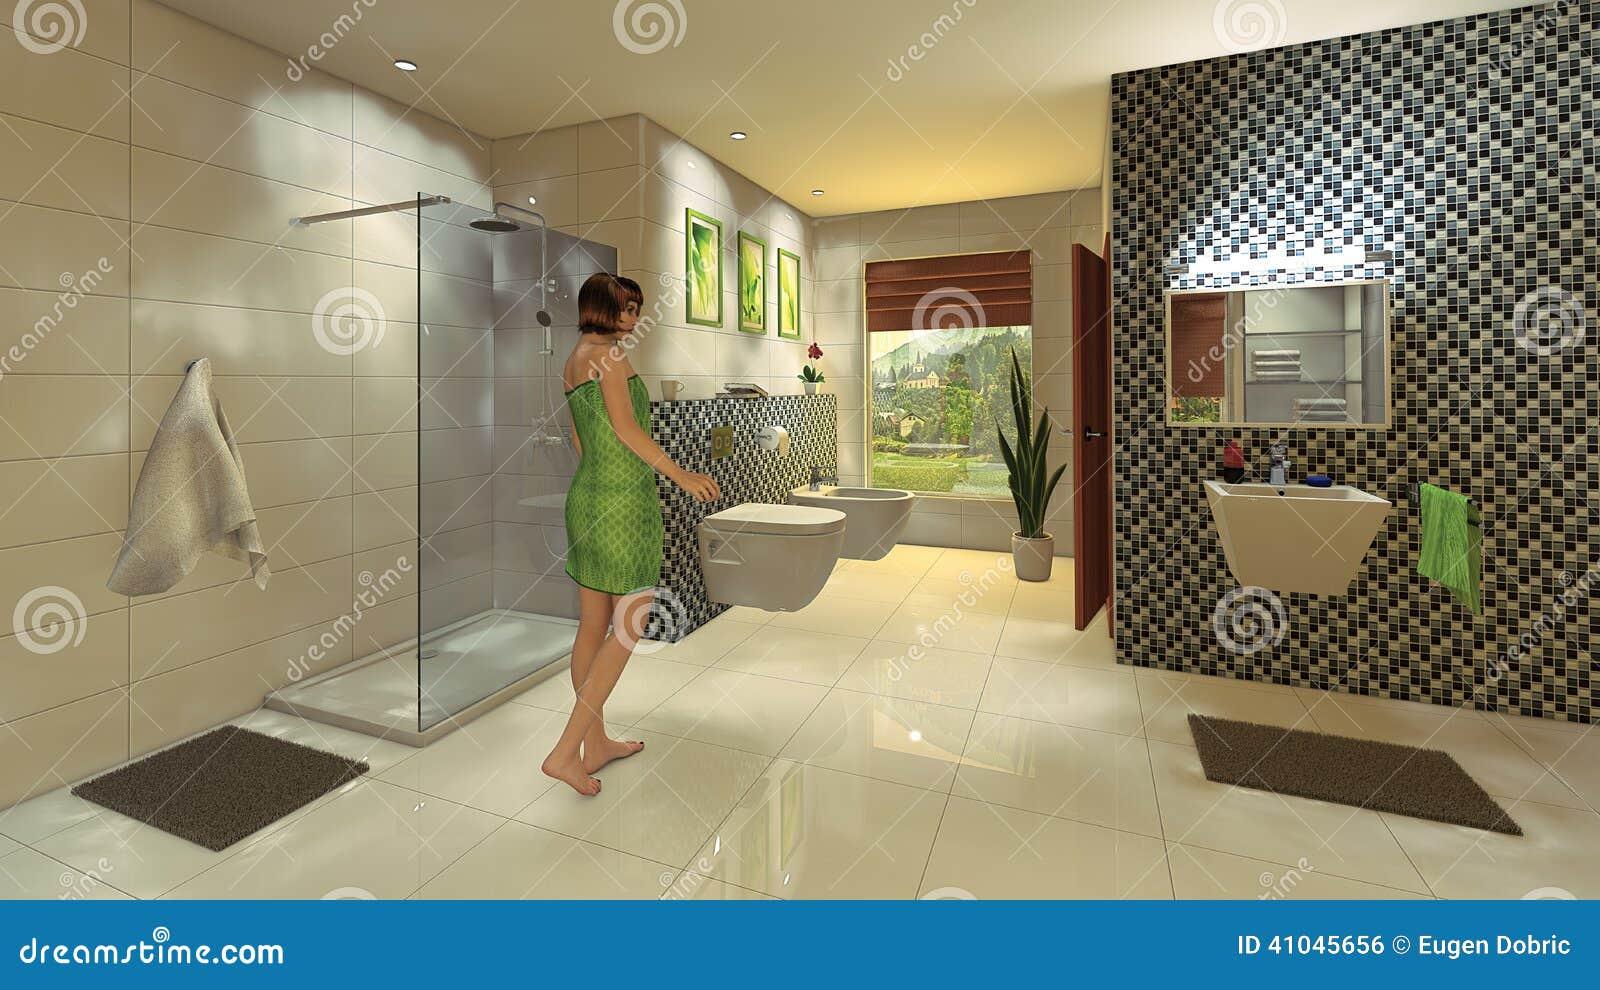 Parete Mosaico Bagno : Bagno moderno con la parete del mosaico illustrazione di stock